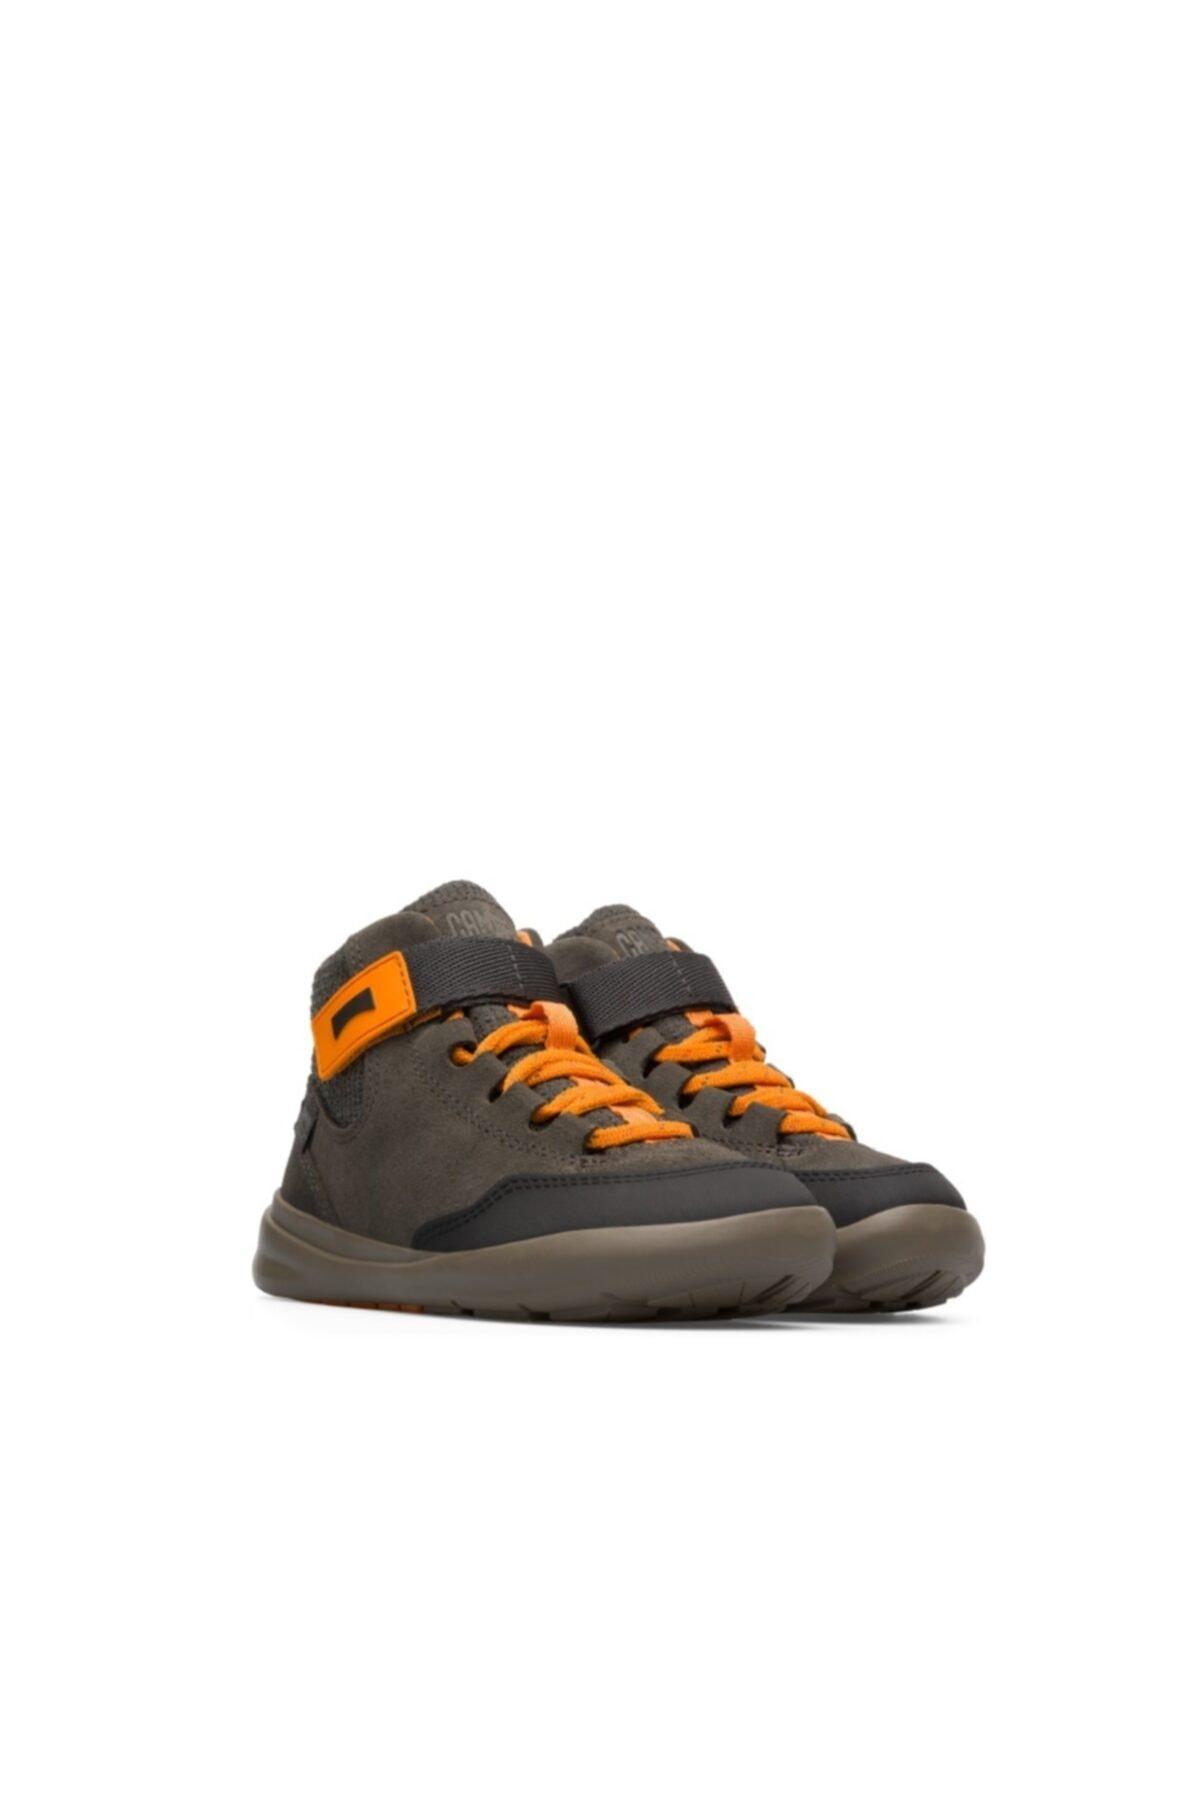 CAMPER Unisex Çocuk Turuncu Casual Ayakkabı K900227-001 2